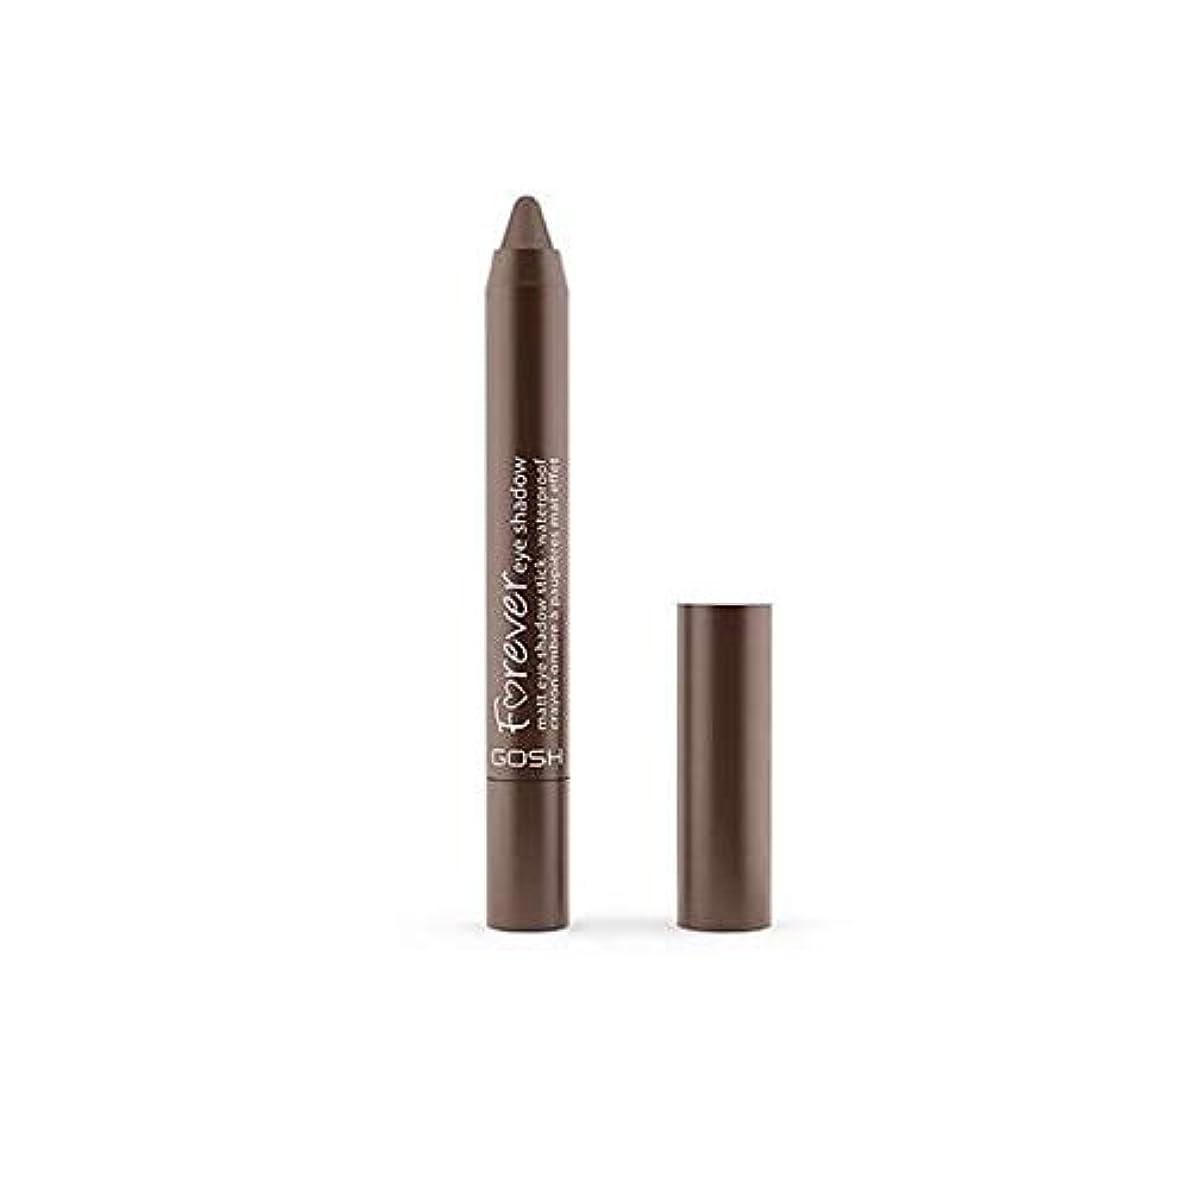 浜辺体オーチャード[GOSH ] おやっ永遠にシングルアイシャドウクレヨン11のD /ブラウン1.5グラムをマット - Gosh Forever Matte Single Eyeshadow Crayon 11 D/Brown 1.5G...